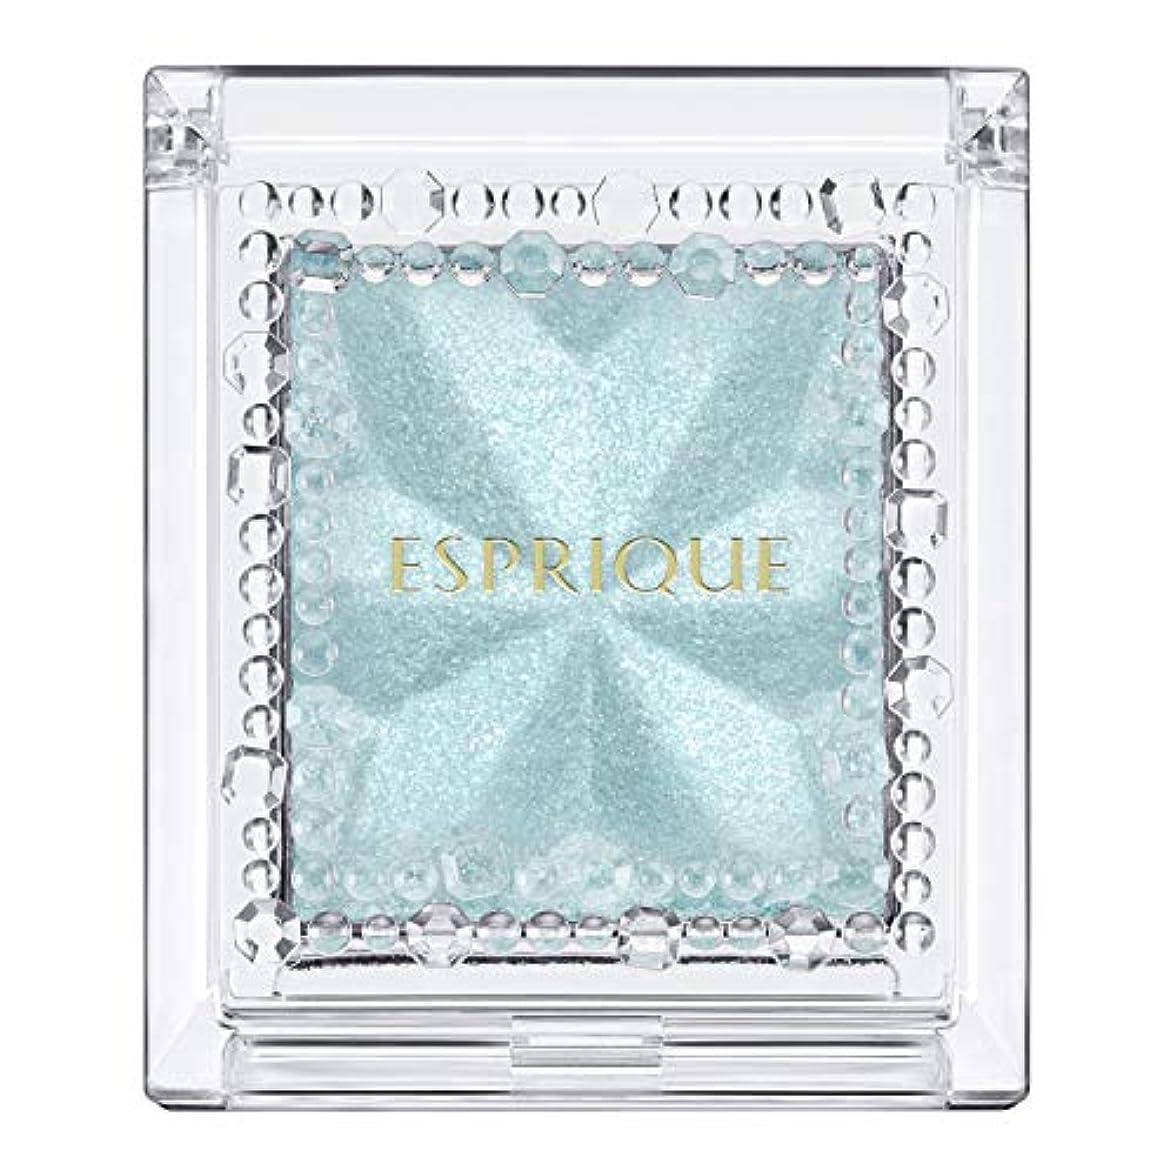 アジャコインにやにやESPRIQUE(エスプリーク) エスプリーク セレクト アイカラー N アイシャドウ BL905 1.5g